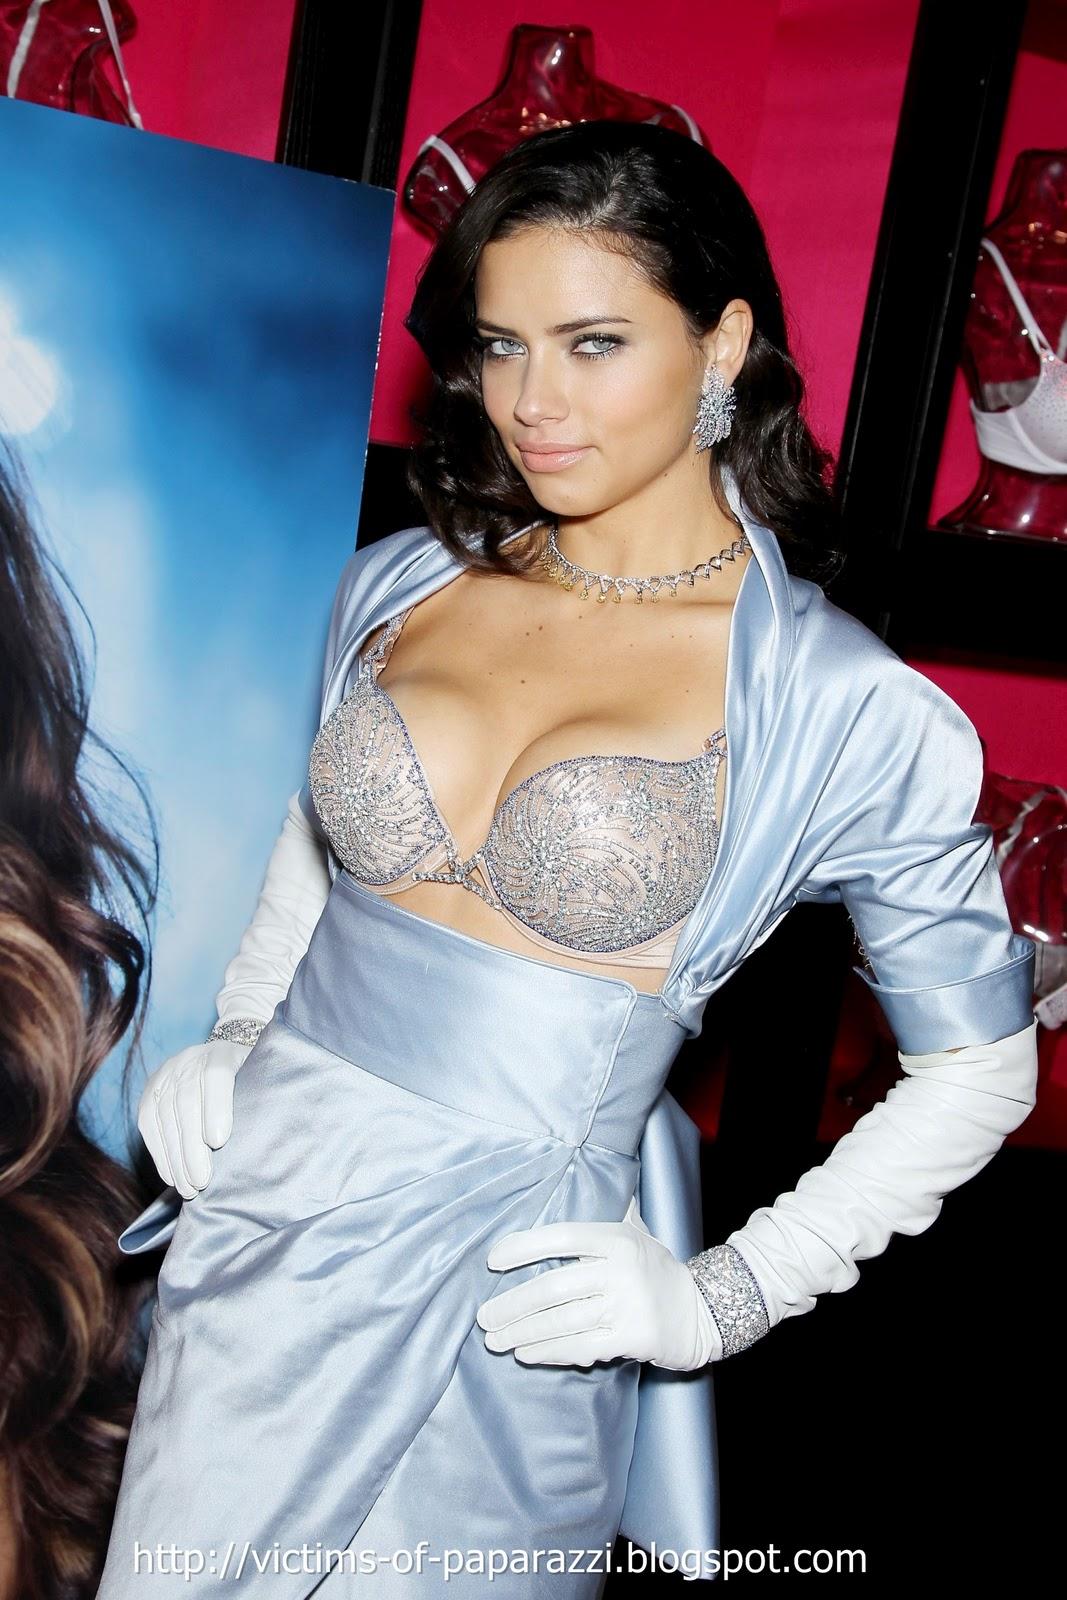 http://1.bp.blogspot.com/_NFcDSk31Yq8/TM-WI7OFbKI/AAAAAAAAATo/5FJ7Dq2FEMY/s1600/Adriana+Lima+bra+5.jpg